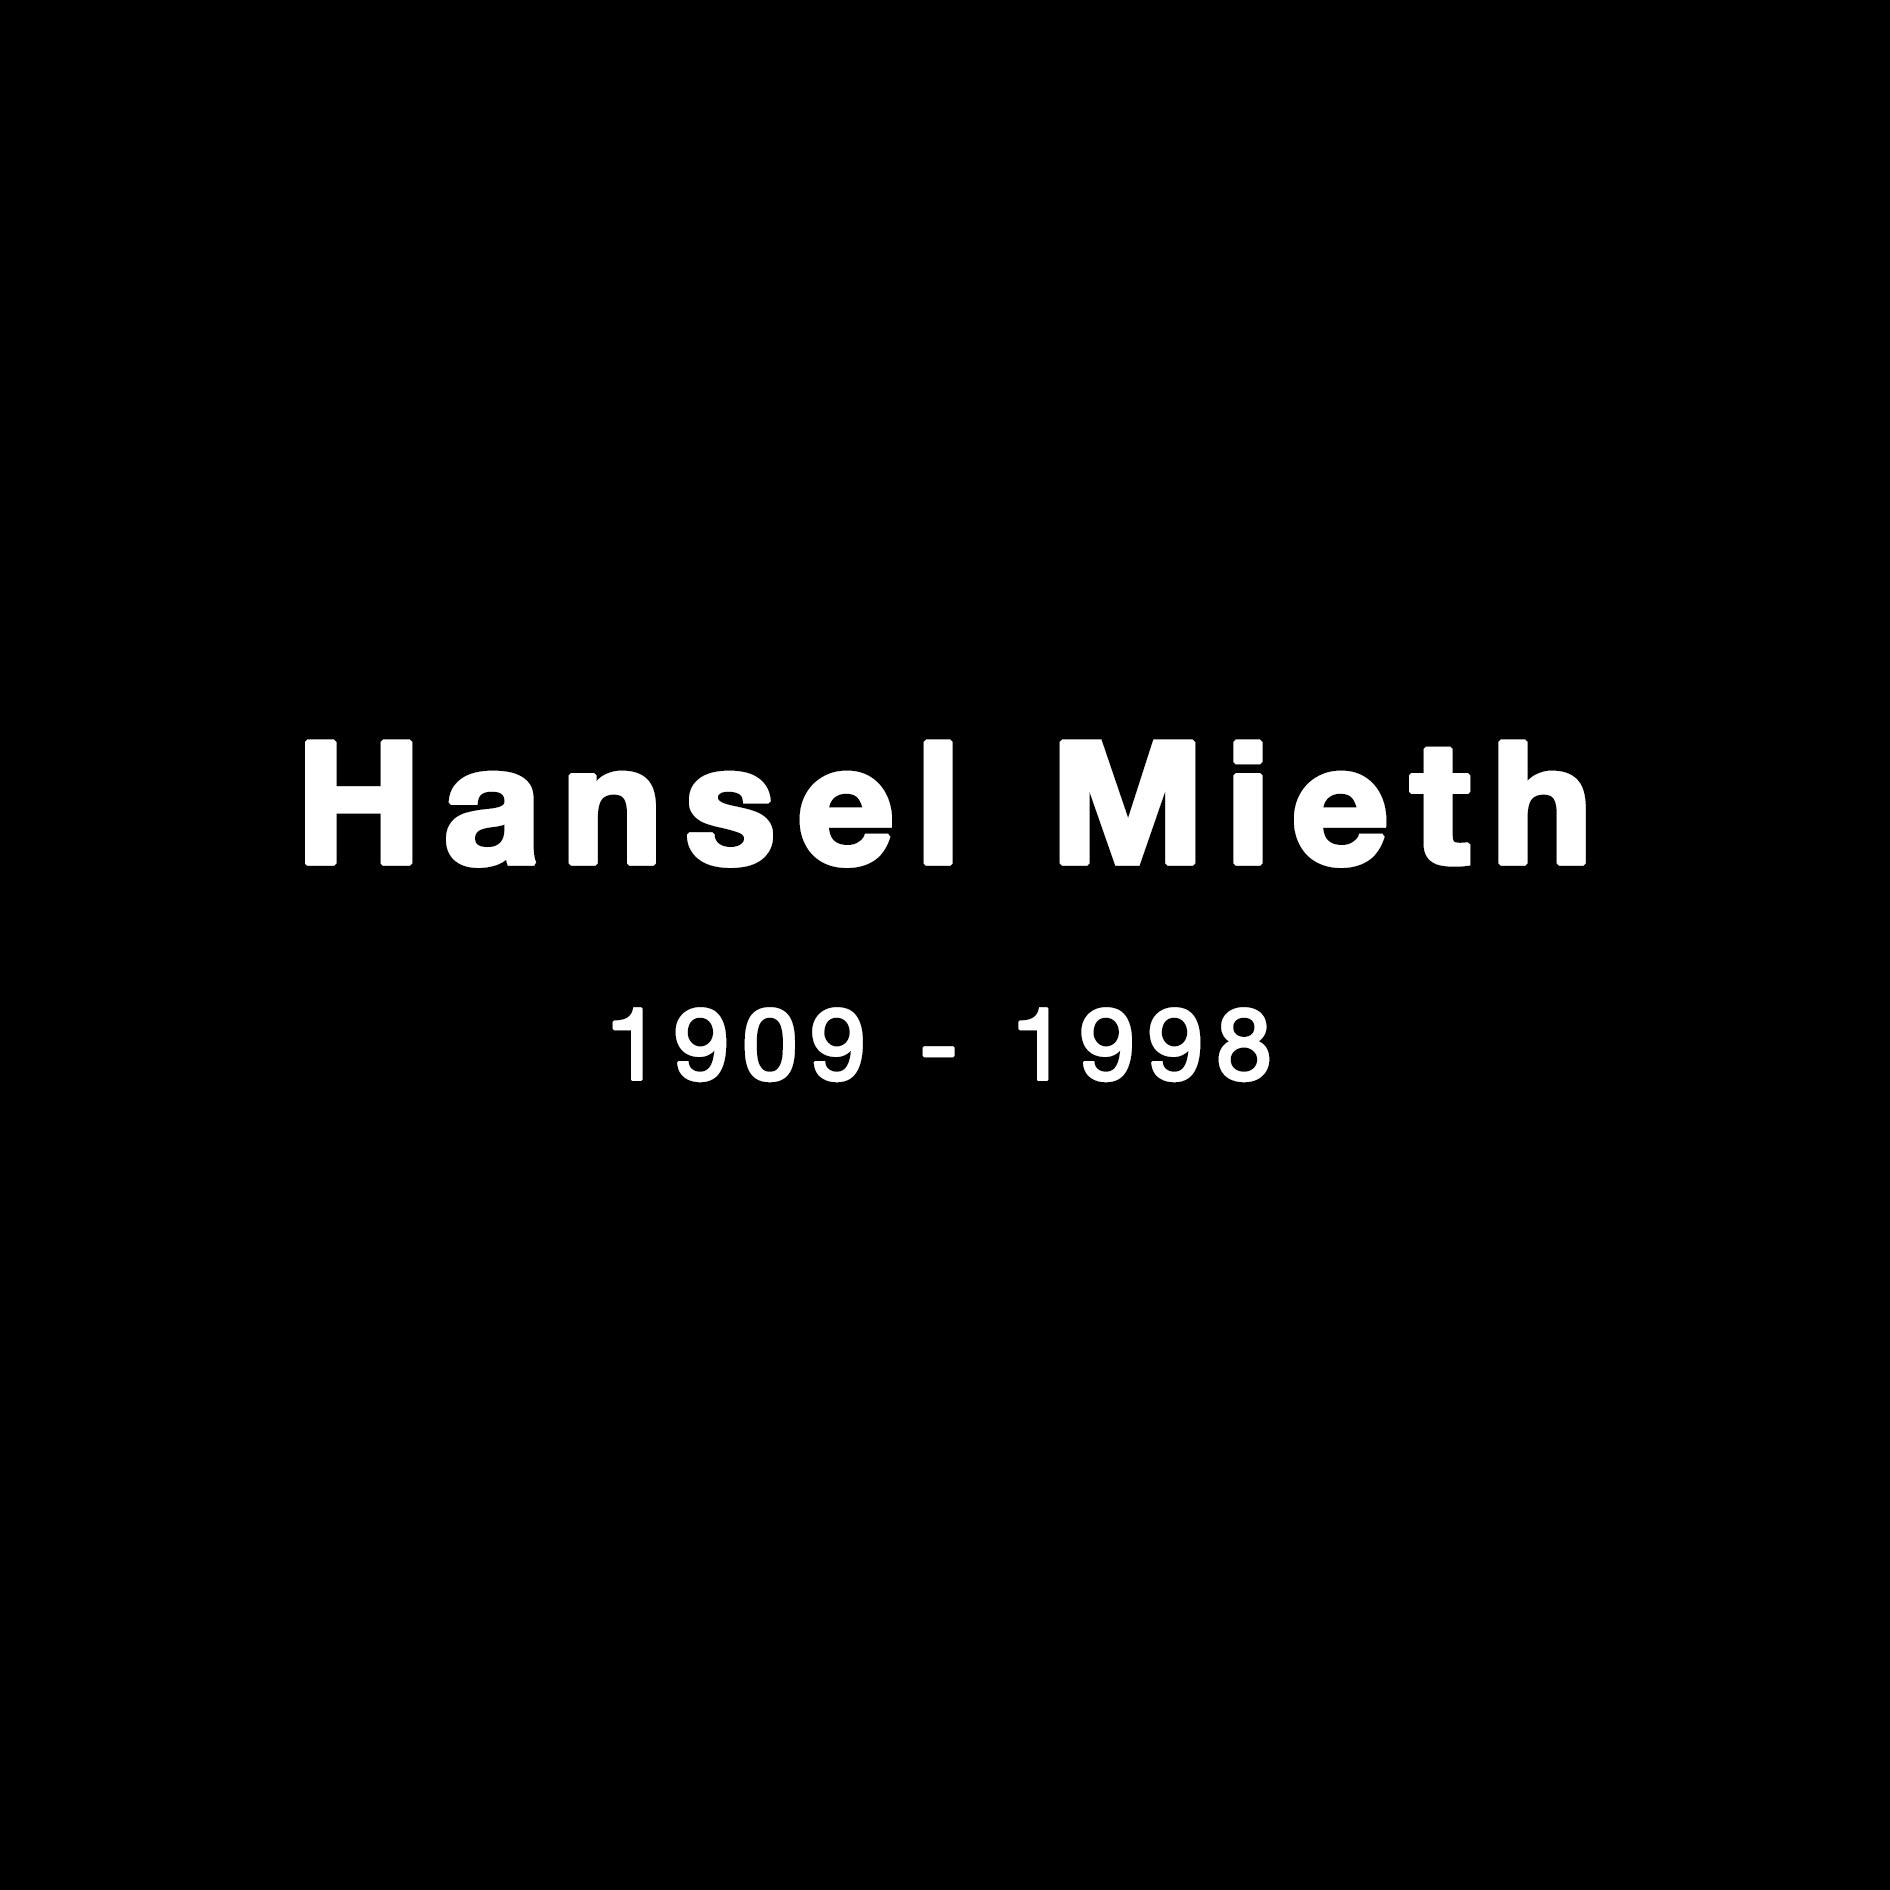 Hansel Mieth